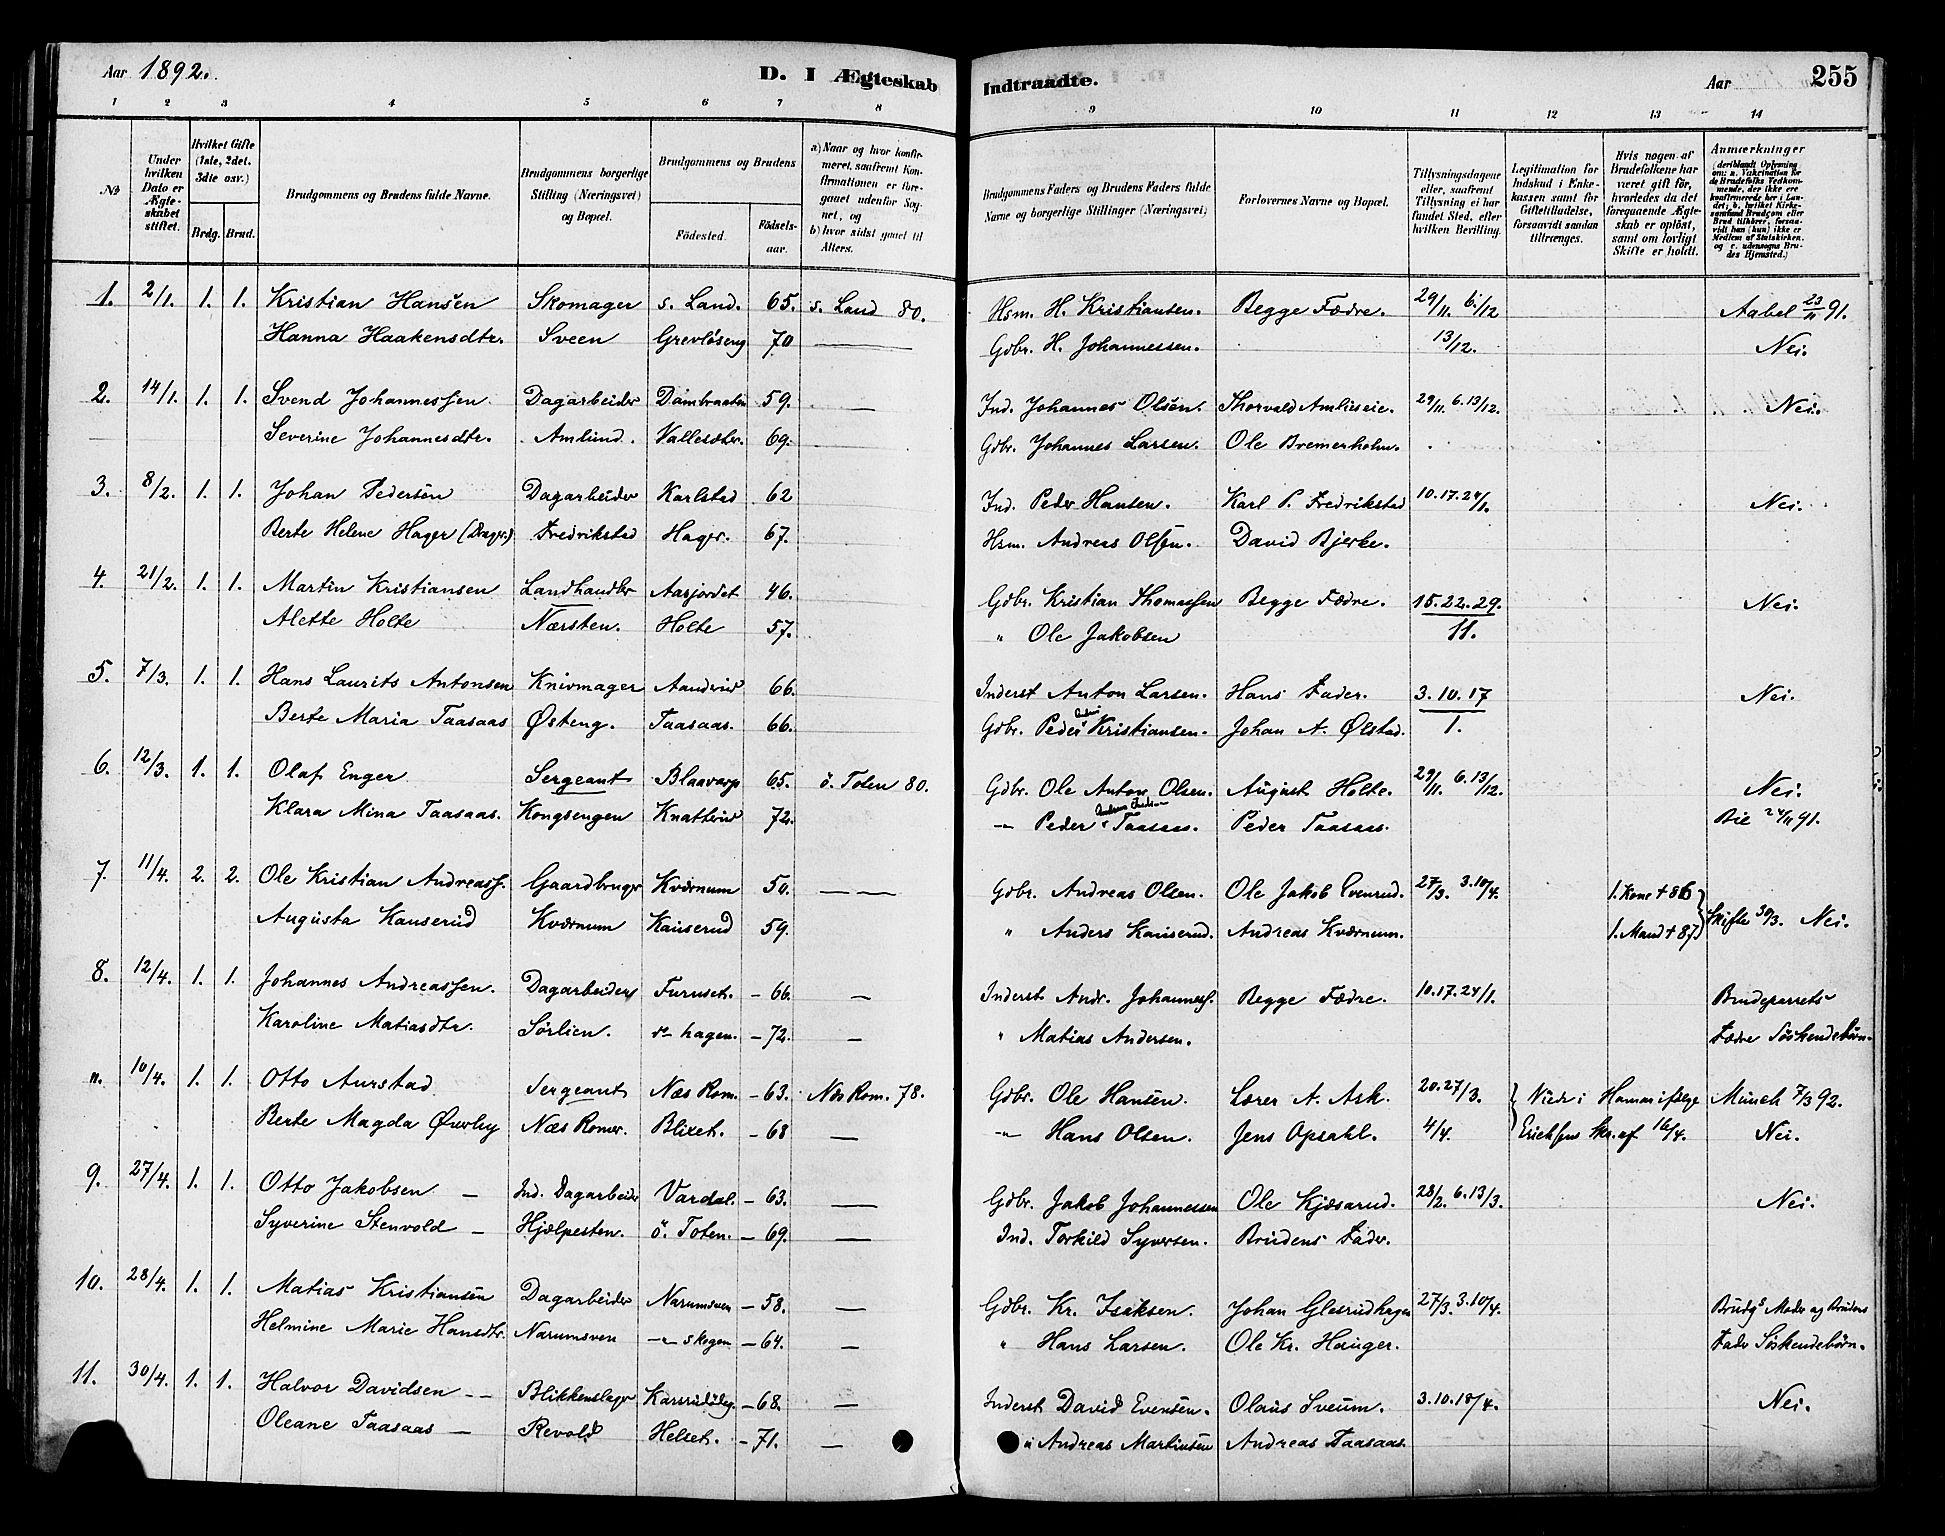 SAH, Vestre Toten prestekontor, Ministerialbok nr. 9, 1878-1894, s. 255